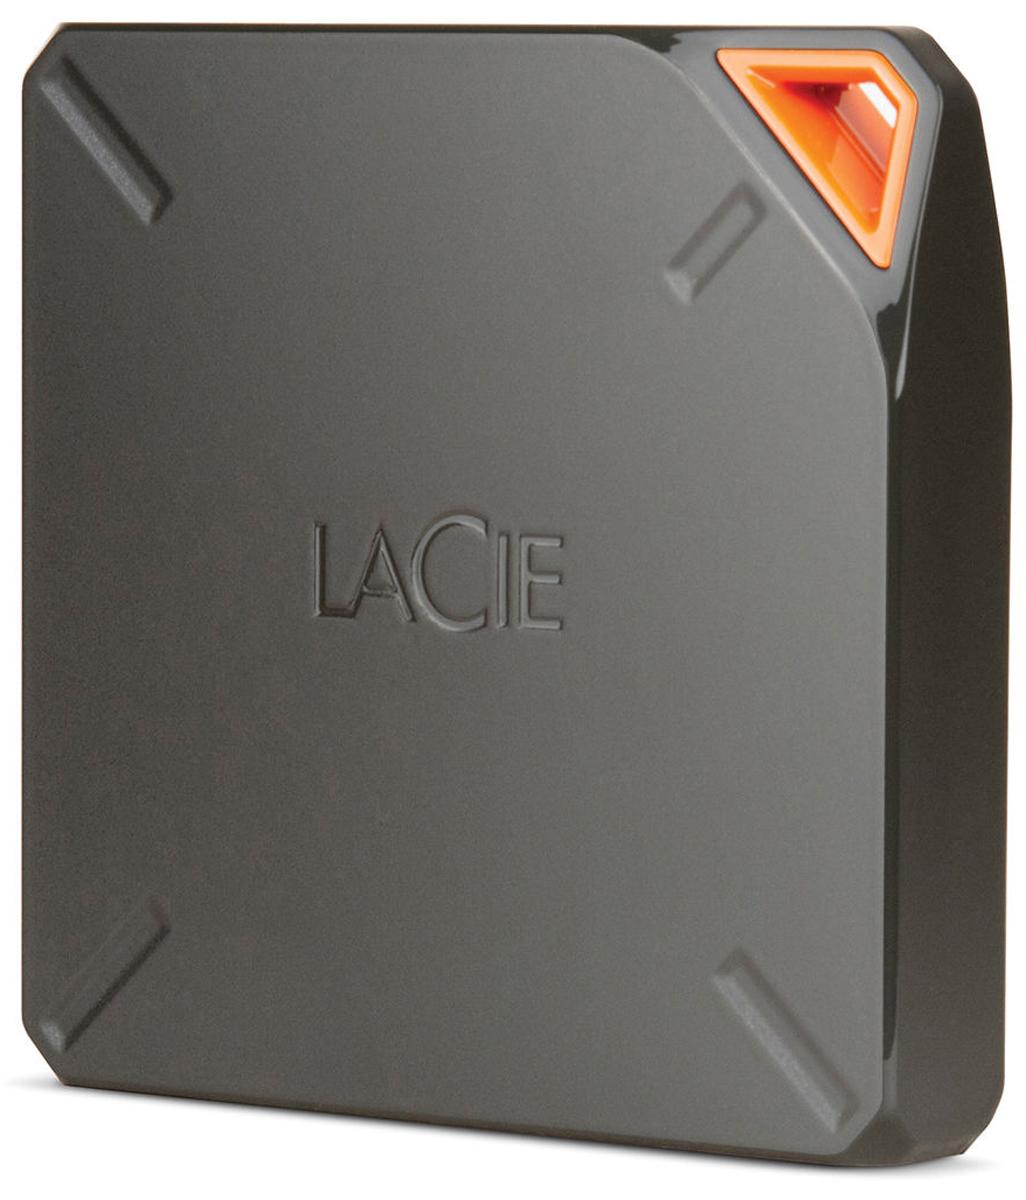 LaCie Fuel 2TB беспроводной внешний жесткий диск9000464EKLaCie Fuel - универсальный внешний накопитель с беспроводным интерфейсом Wi-Fi, сможет расширить объем памяти не только компьютеров, но и портативной электроники - планшетов, смартфонов. Батарея устройства рассчитана на 10 часов автономной работы. Кроме того, накопитель может играть роль точки доступа, будучи подключенным к интернету по Wi-Fi. Аксессуар позволит значительно расширить возможности Вашего гаджета, планшетного компьютера или ноутбука без использования дополнительных проводов и интернета. Компактность, а также высокая производительность данной модели делают LaCie Fuel практически незаменимым спутником в нашей повседневной жизни, в различных поездках и путешествиях. Выполненный из качественнейших и современных материалов, беспроводной жесткий диск способен одновременно работать с пятью устройствами, однако, при потоковой передаче данных их число сокращается до трех. Модель имеет очень прочный корпус и широкий диапазон Wi-Fi (до 45...